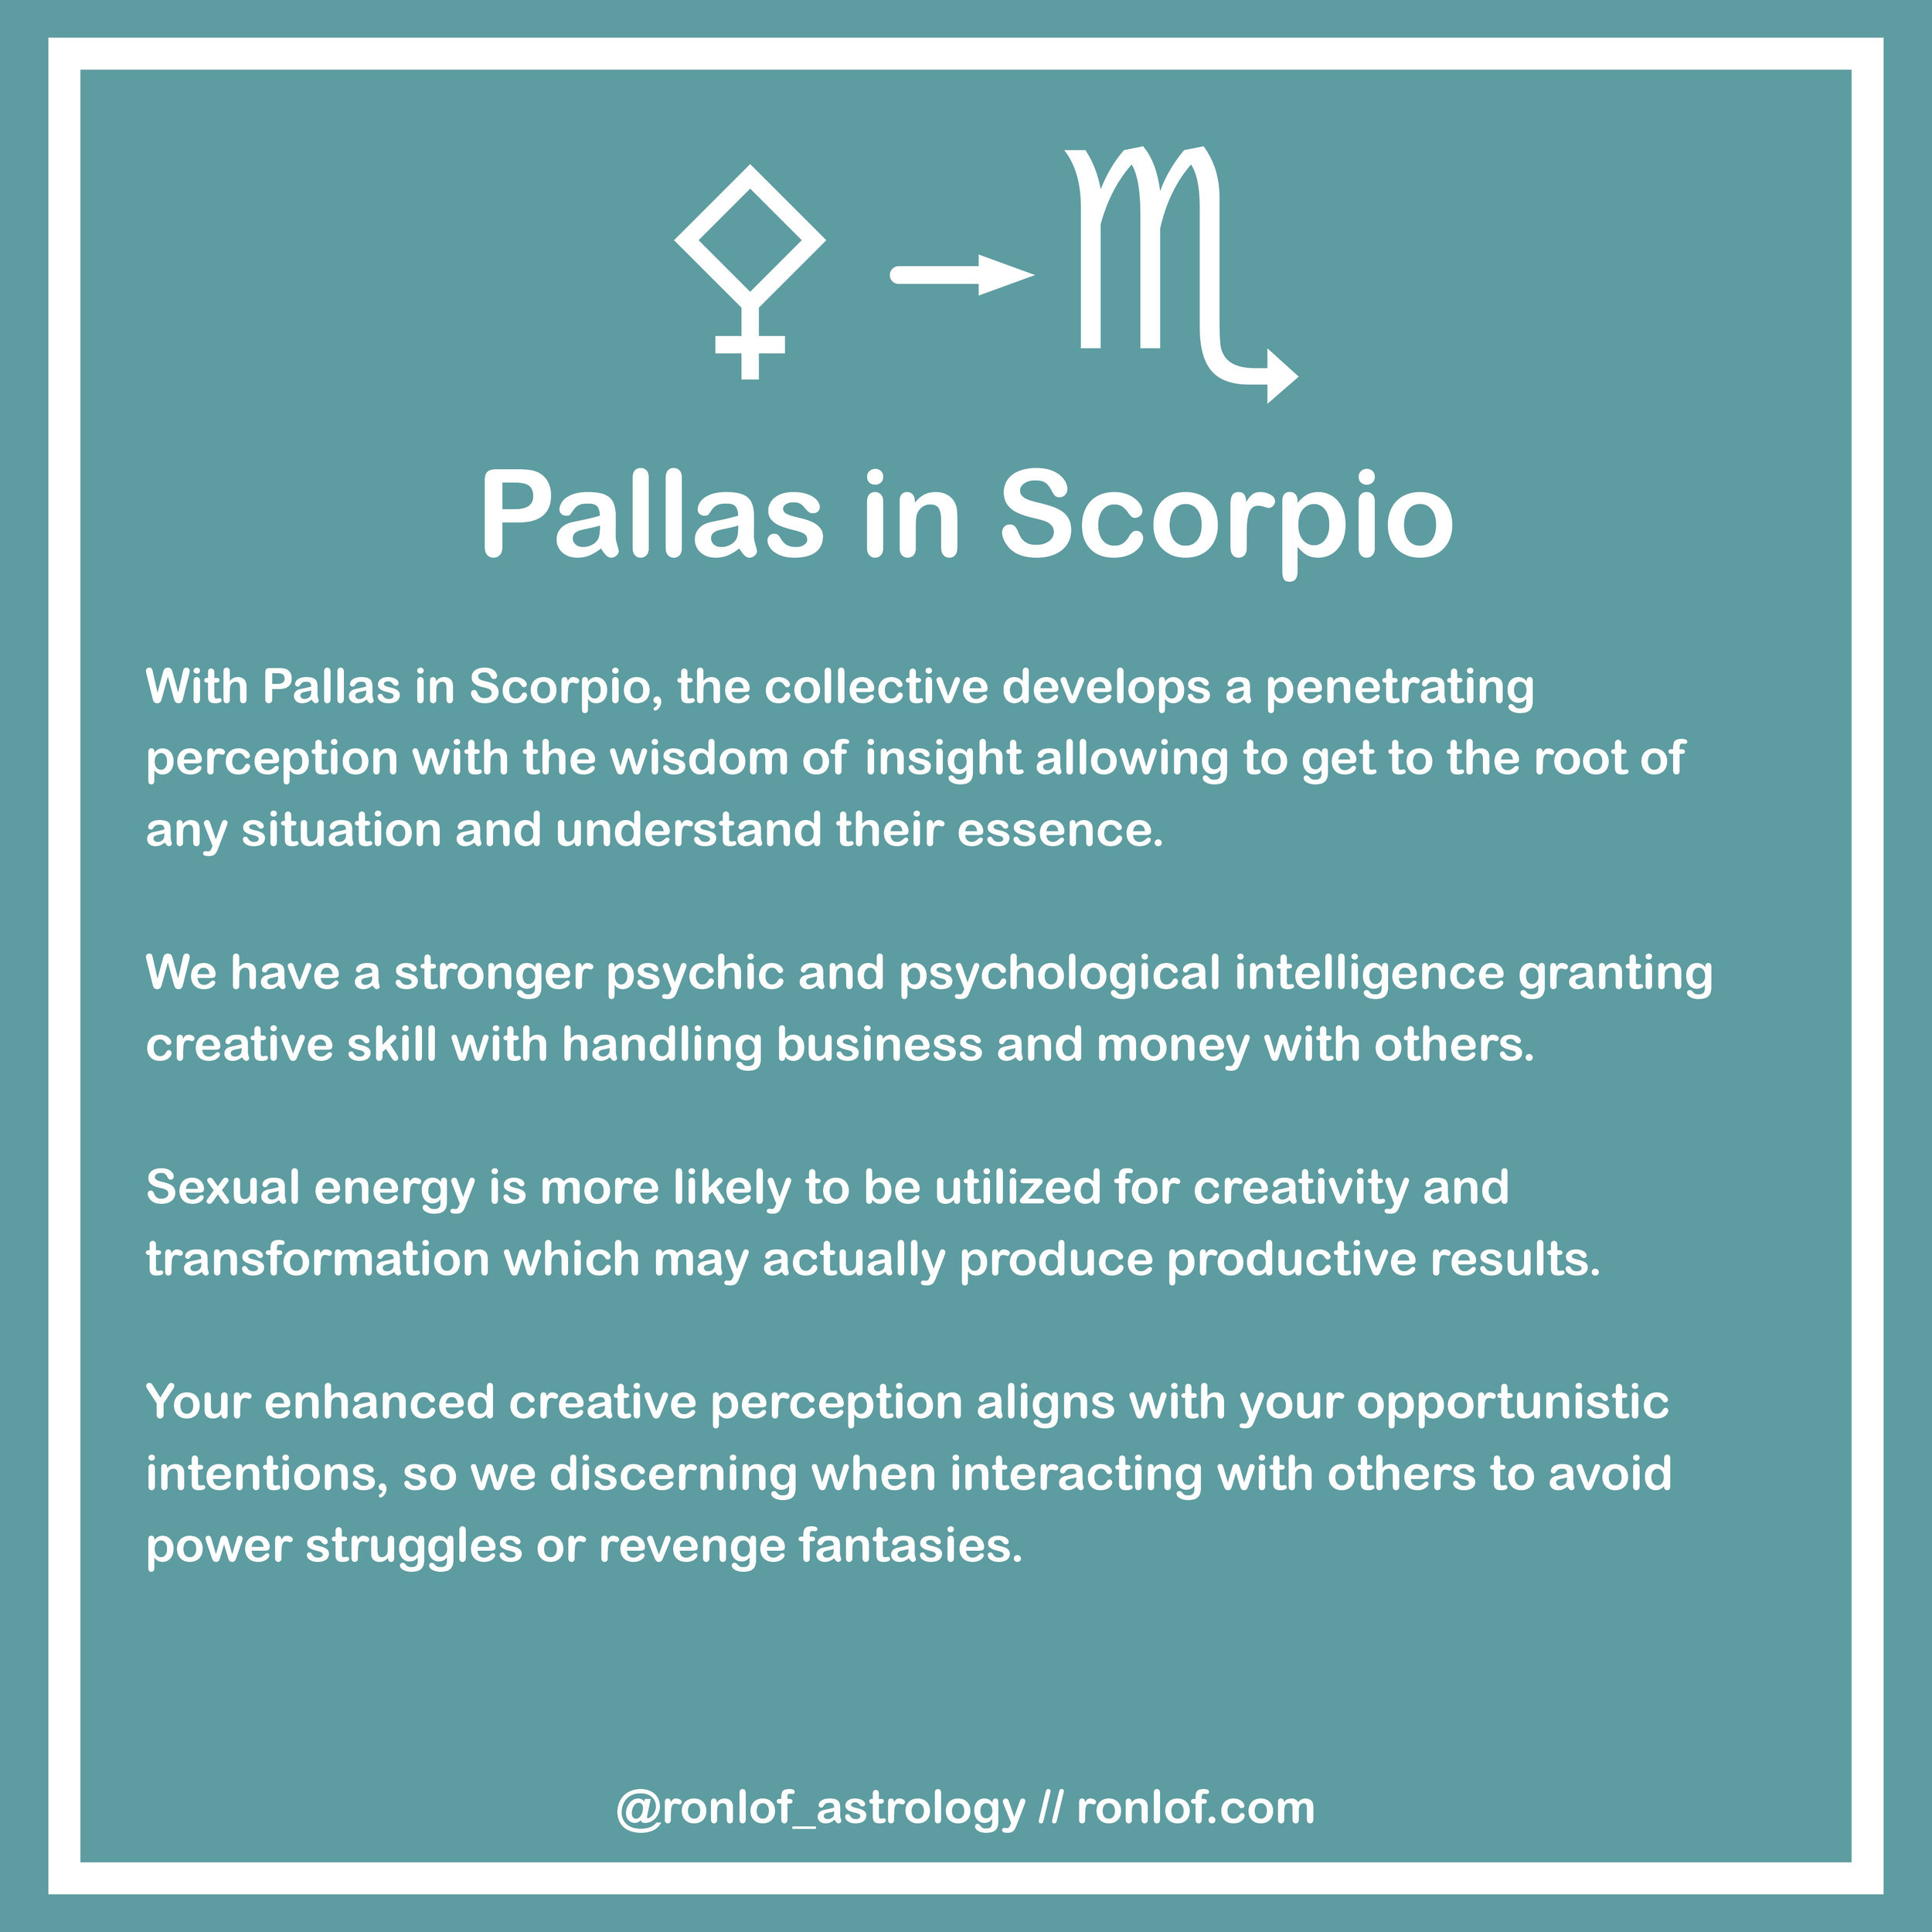 PallasScorpio3.jpg